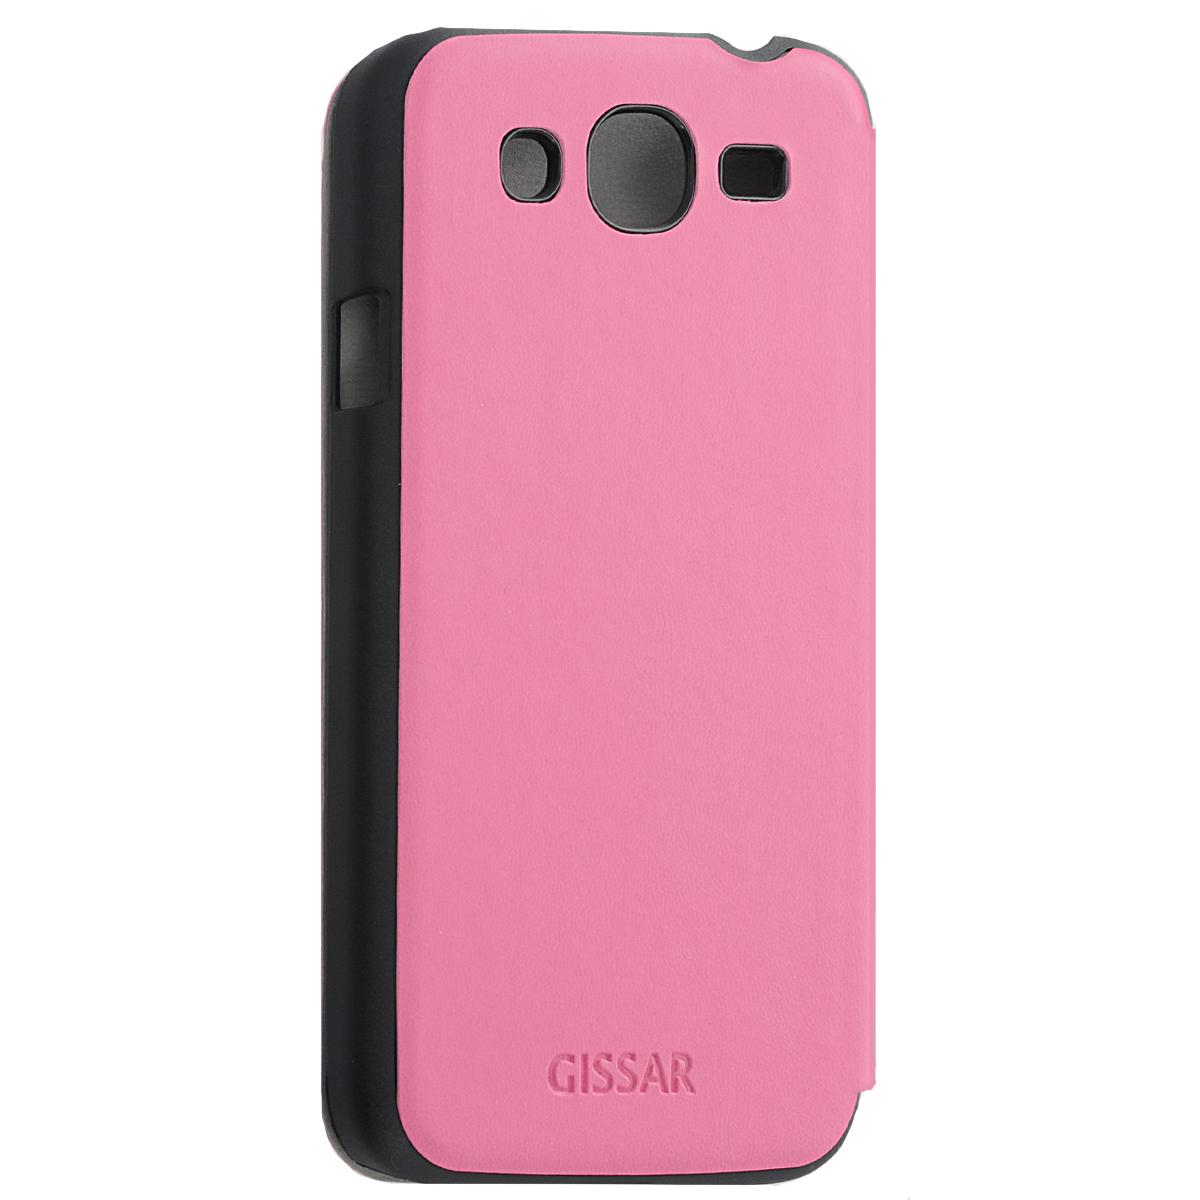 Gissar Paisley чехол для Samsung Mega 5.8, Pink58135Чехол Gissar Paisley для Samsung Mega 5.8 предназначен для защиты корпуса смартфона от механических повреждений и царапин в процессе эксплуатации. Имеет свободный доступ ко всем разъемам и кнопкам устройства.